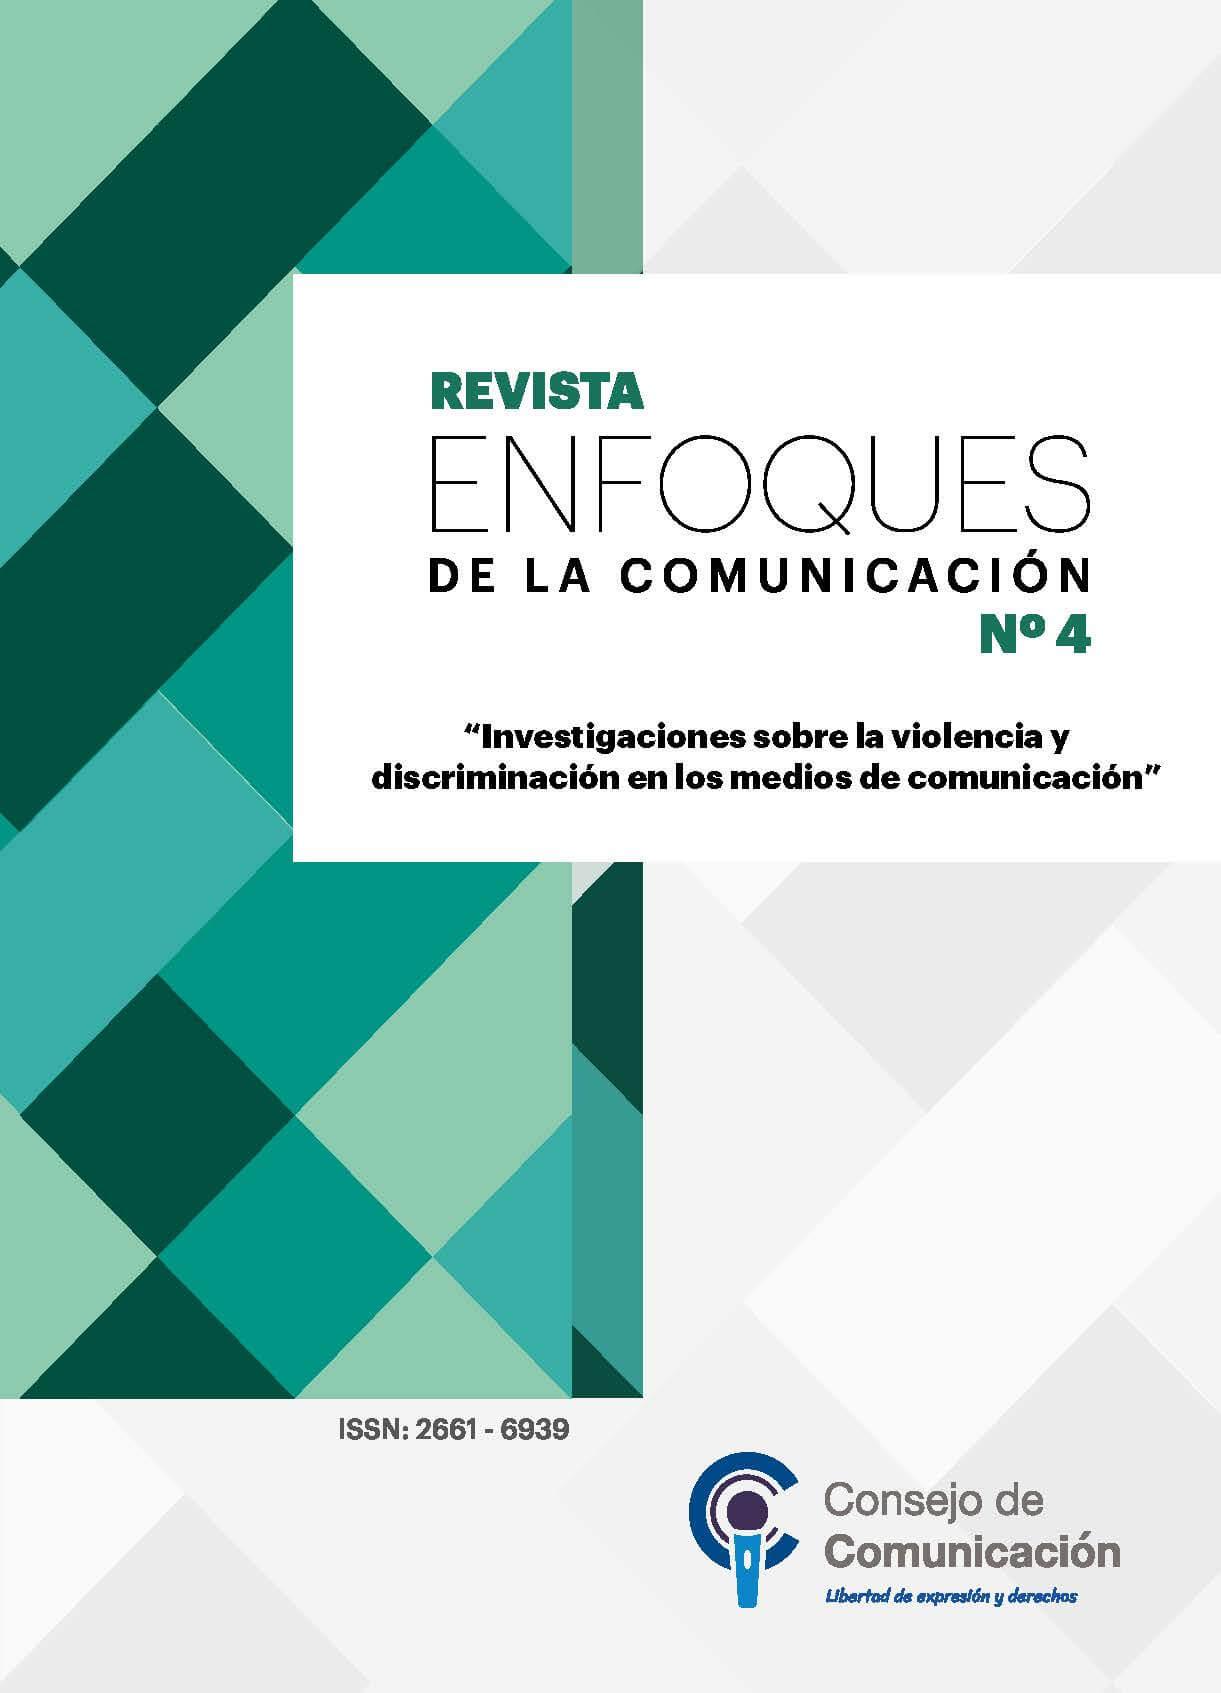 Revista Enfoques de la Comunicación 4 Investigaciones sobre la violencia y discriminación de los medios de comunicación